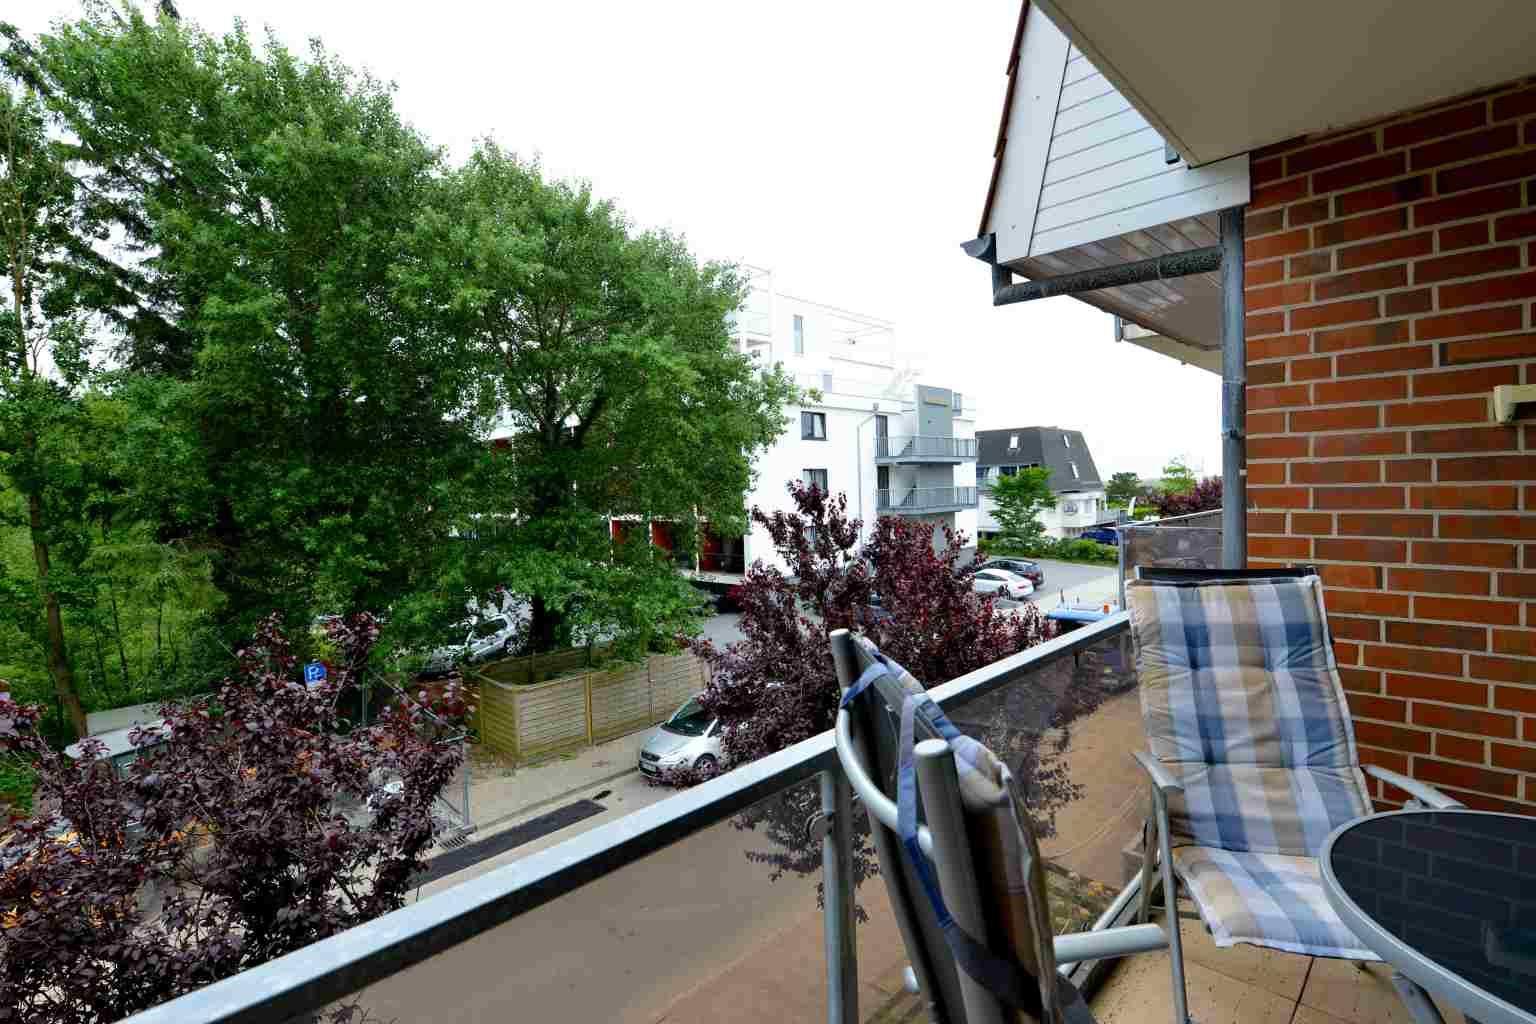 """Ausblick vom Balkon """"Meer und Sonne"""" Wohnung 4 """"Strandläufer im Bad"""" (ID 018), 2-Zimmer-Ferienwohnung / 4 Personen, Strandläuferweg 10, St. Peter-Bad"""